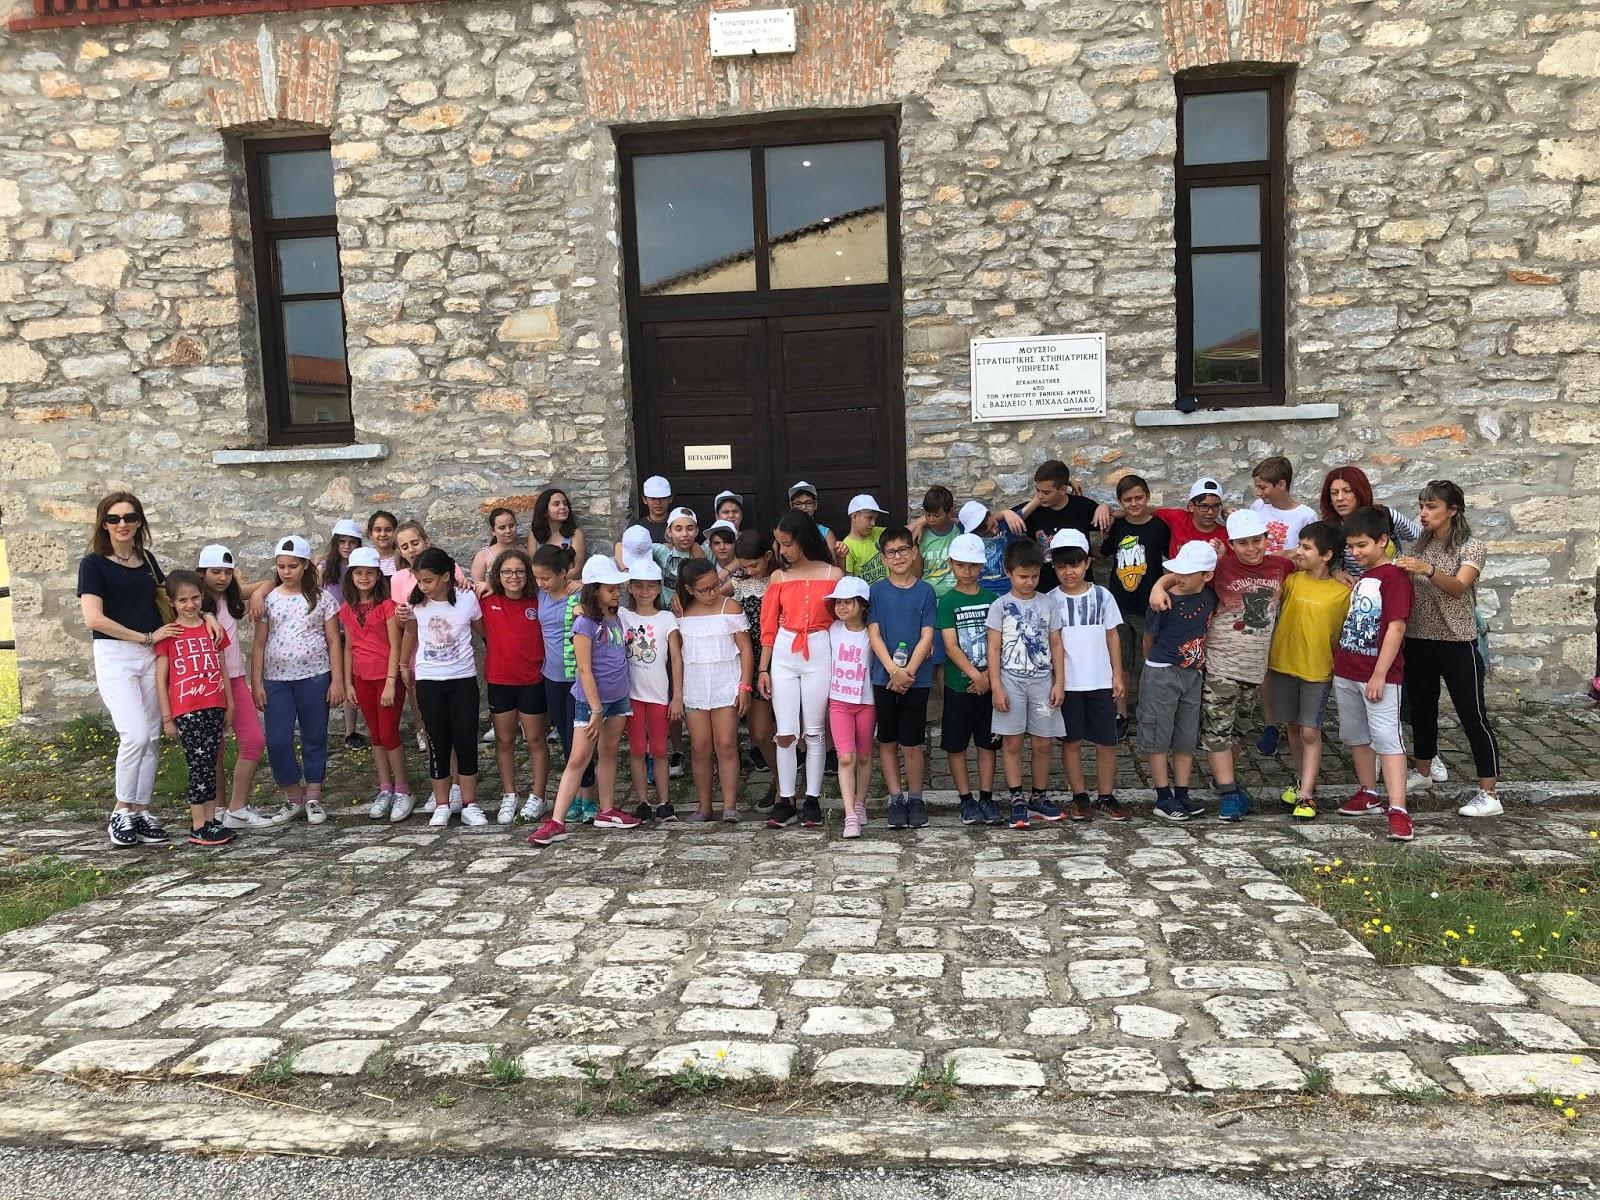 """Οι """" Γλάροι"""" της """"Κατασκήνωσης στην πόλη"""" από το 4ο Δημοτικό Σχολείο πέταξαν στο Μουσείο Στρατιωτικής Κτηνιατρικής Υπηρεσίας"""